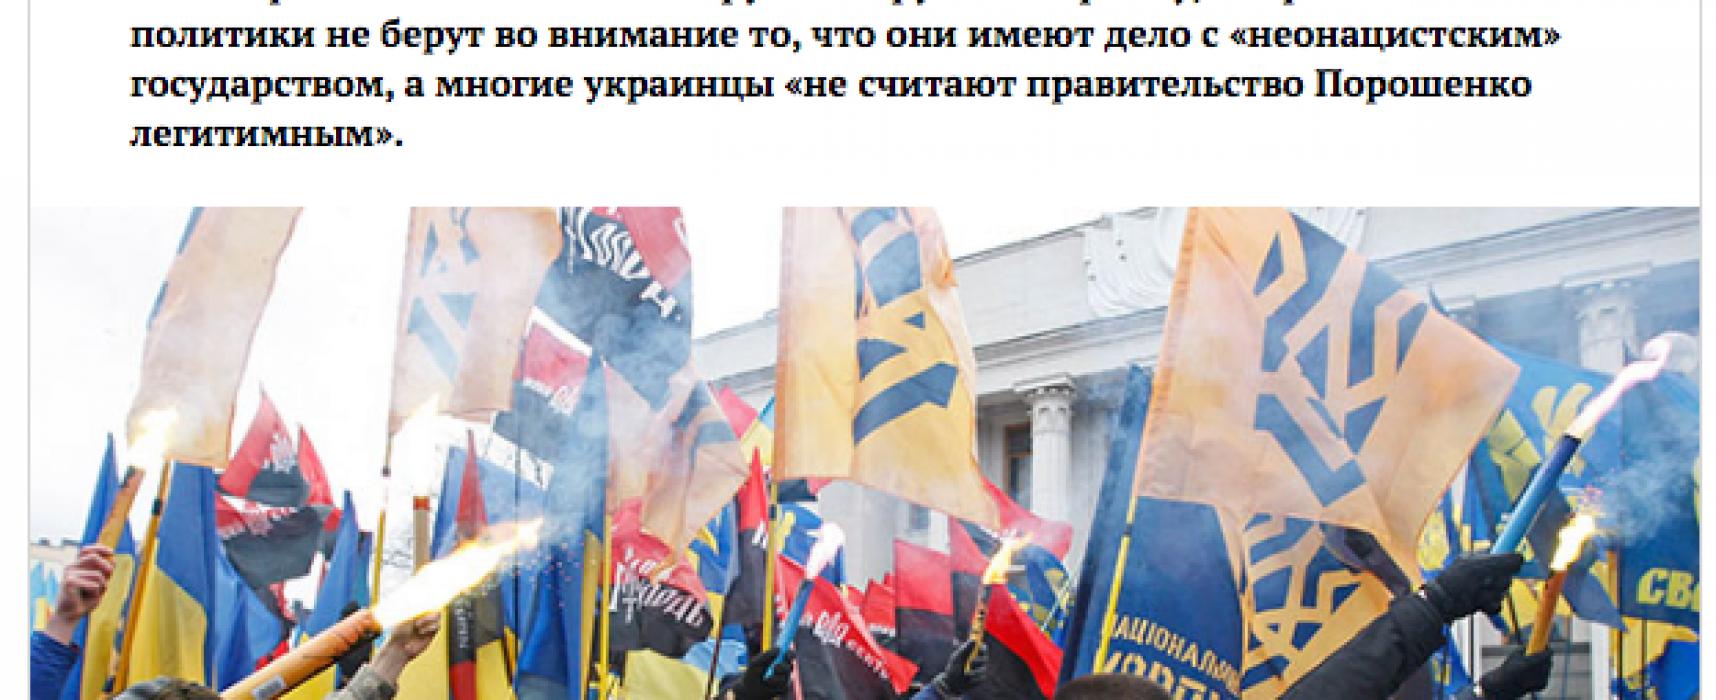 Фейк: Американские СМИ усомнились в легитимности «неонацистского режима» в Украине